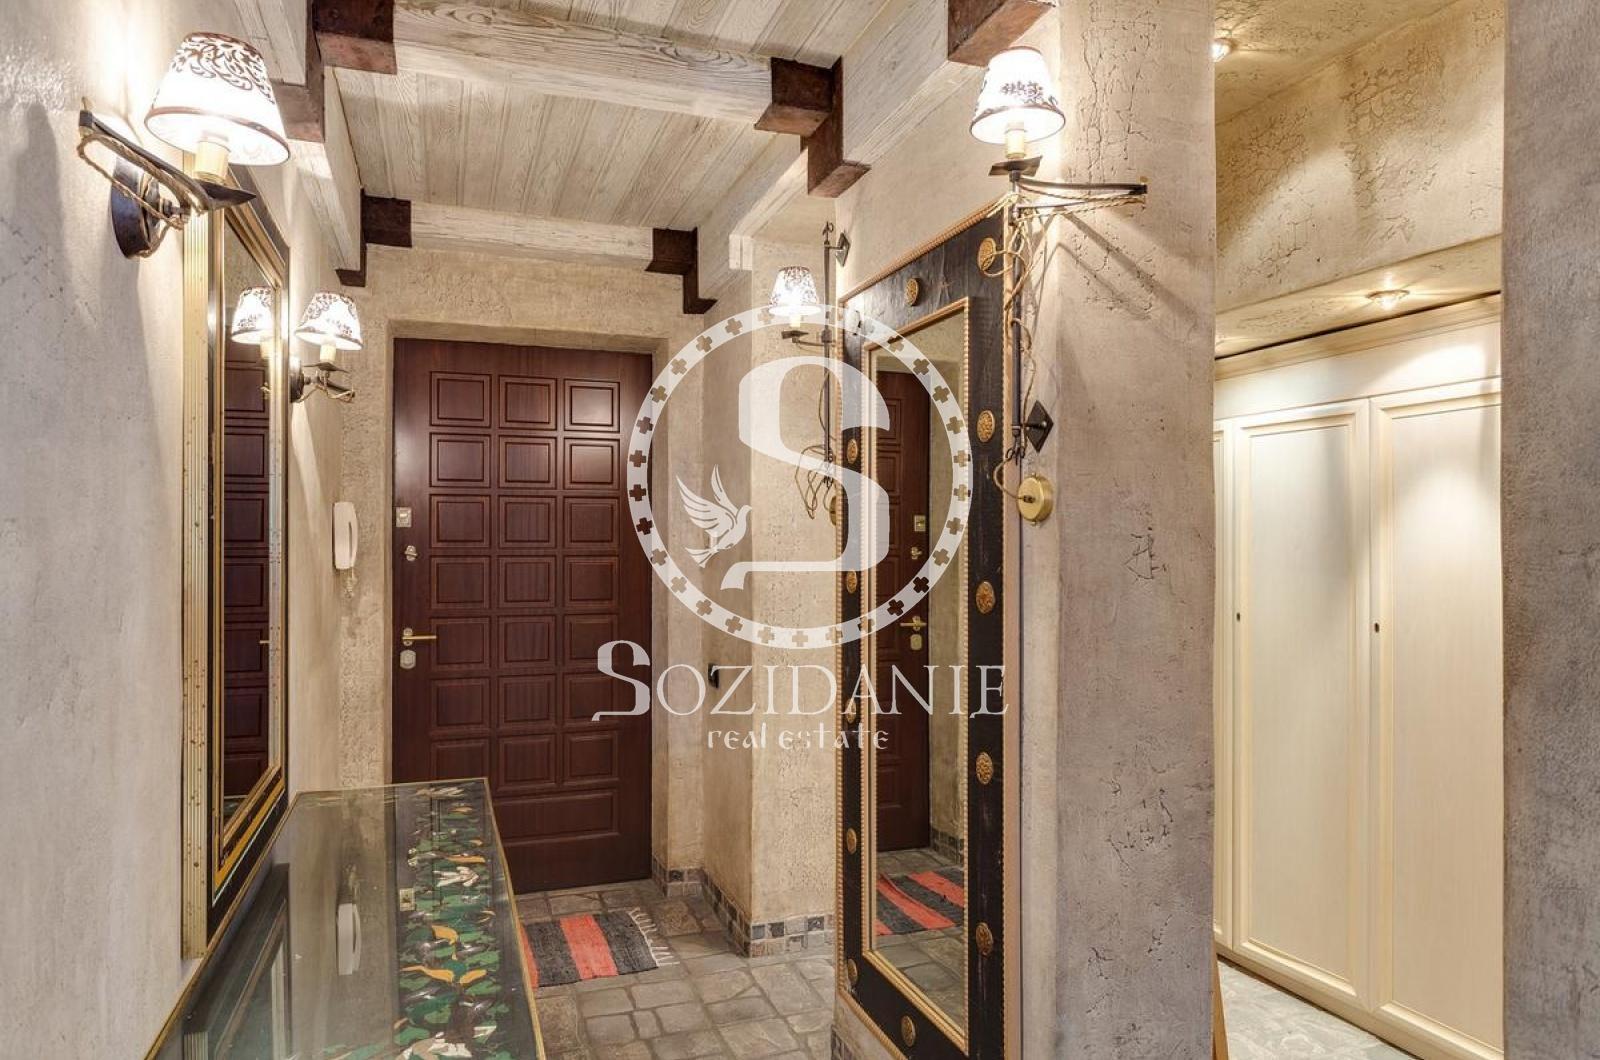 5 Комнаты, Городская, Продажа, Курсовой переулок, Listing ID 3452, Москва, Россия,